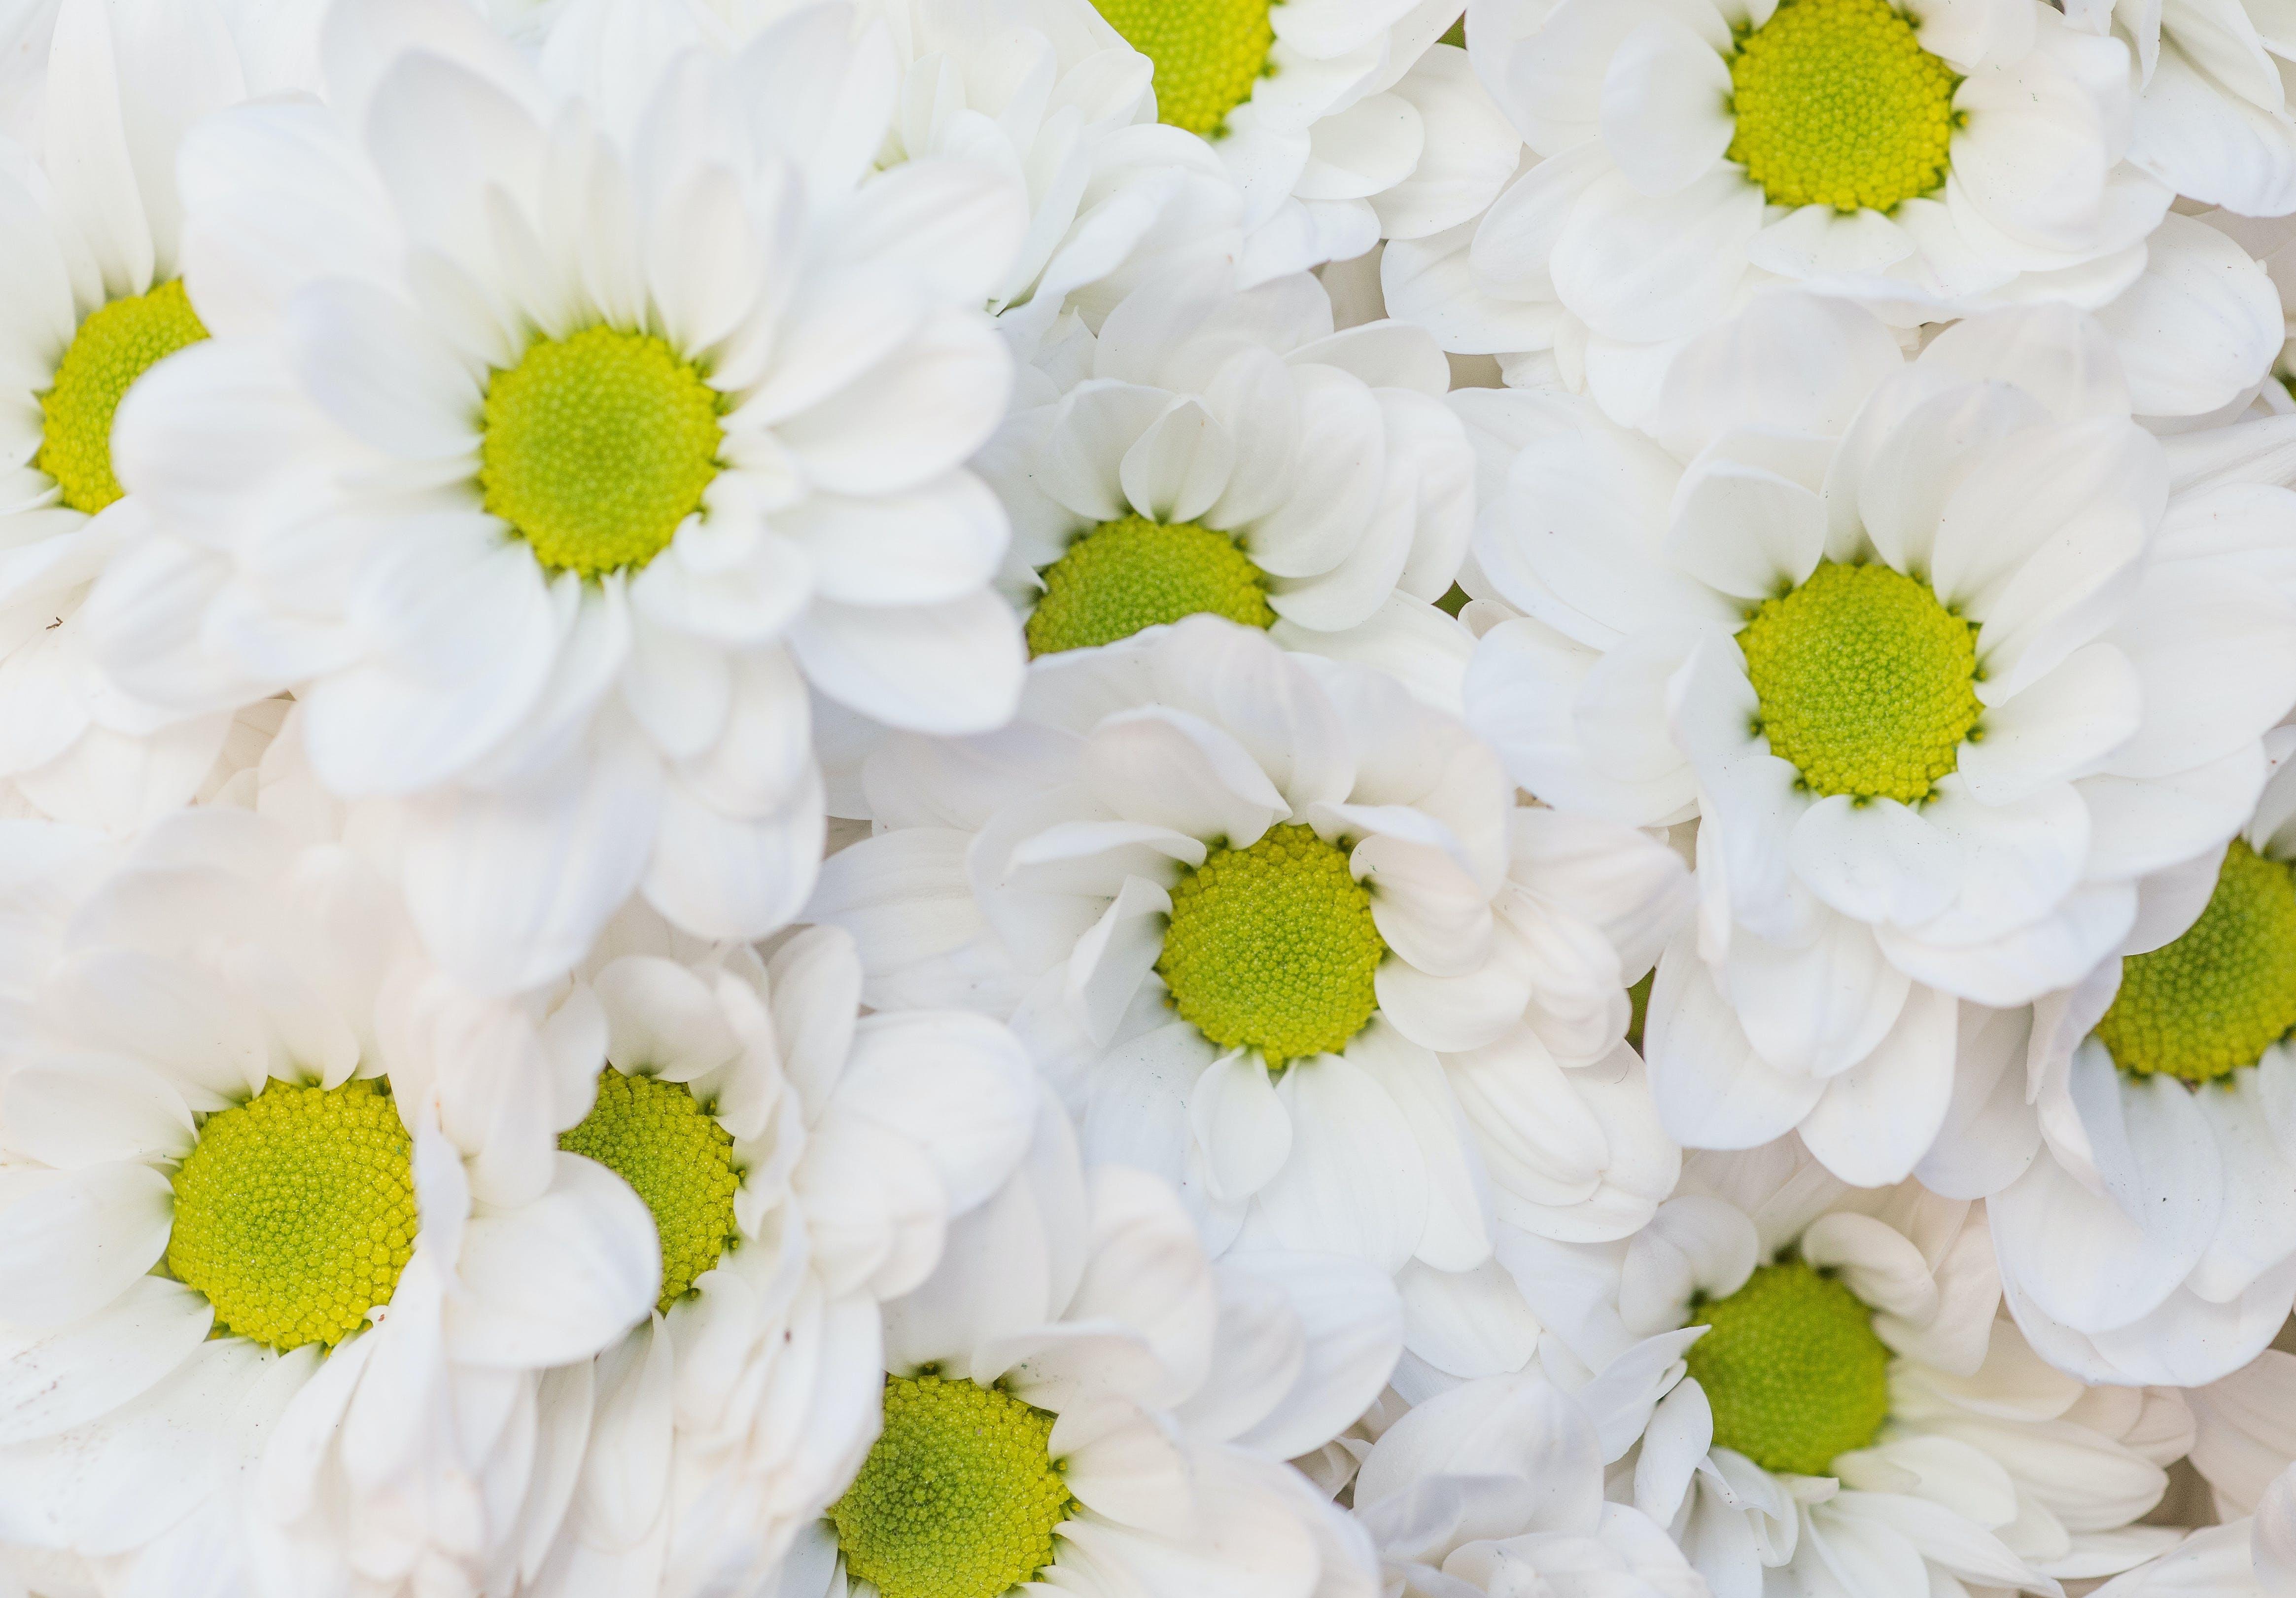 Free stock photo of flowers, petals, pollen, bloom